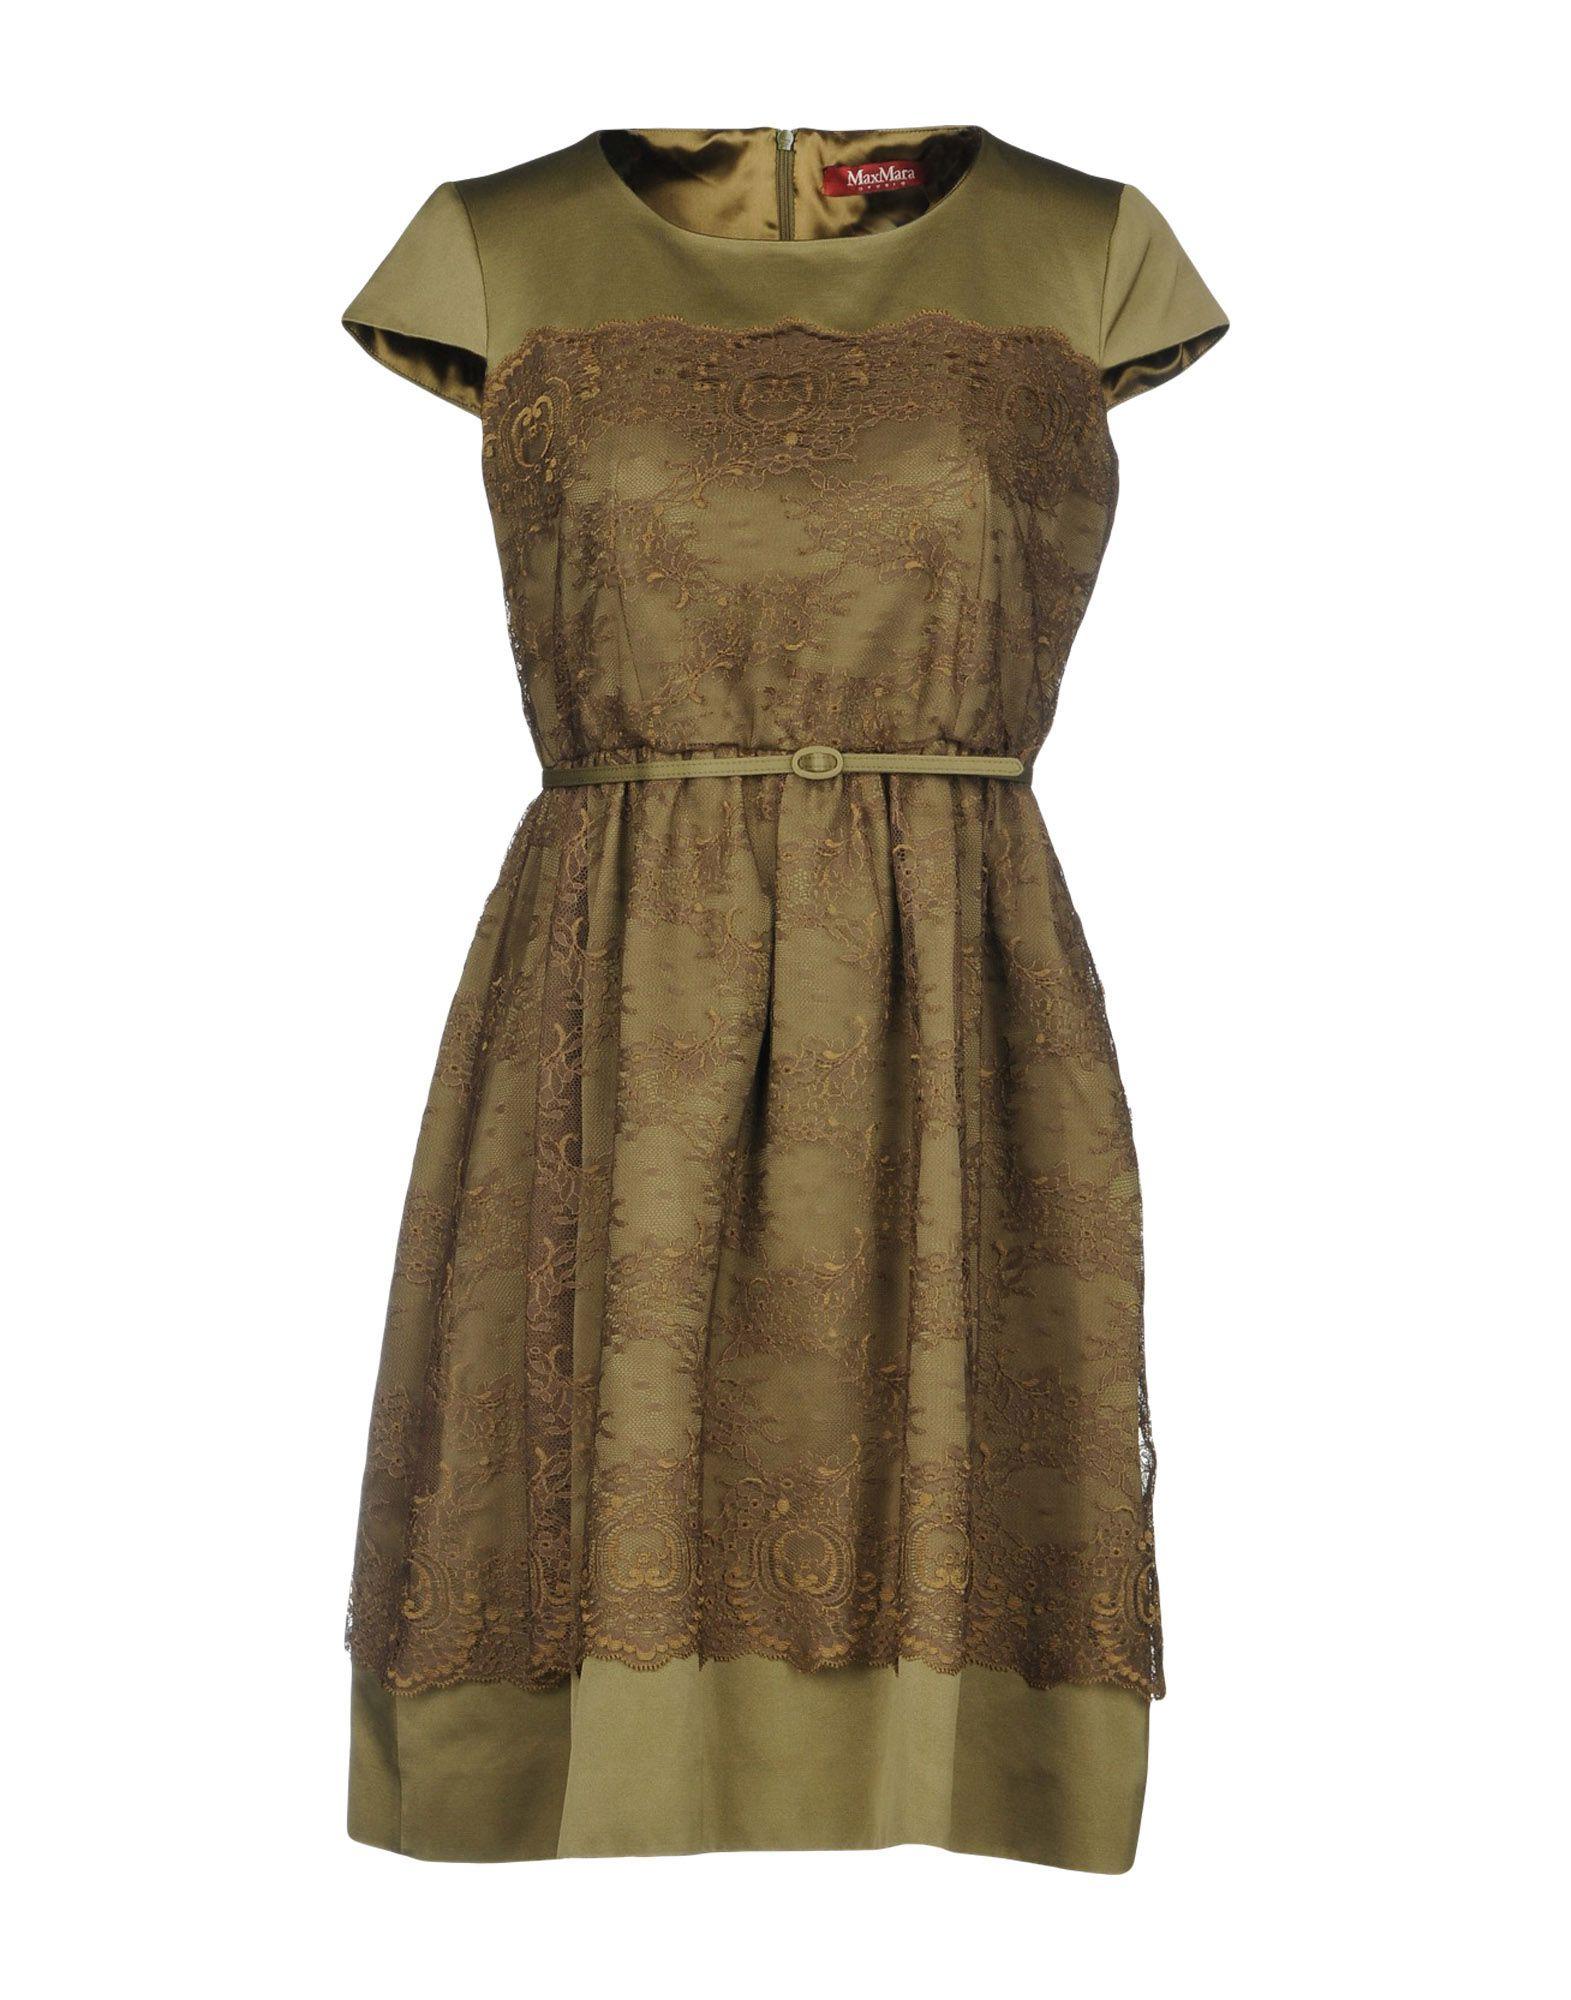 MAX MARA STUDIO Короткое платье комплект платьев полуприлегающее платье прилегающее платье max mara платья и сарафаны приталенные